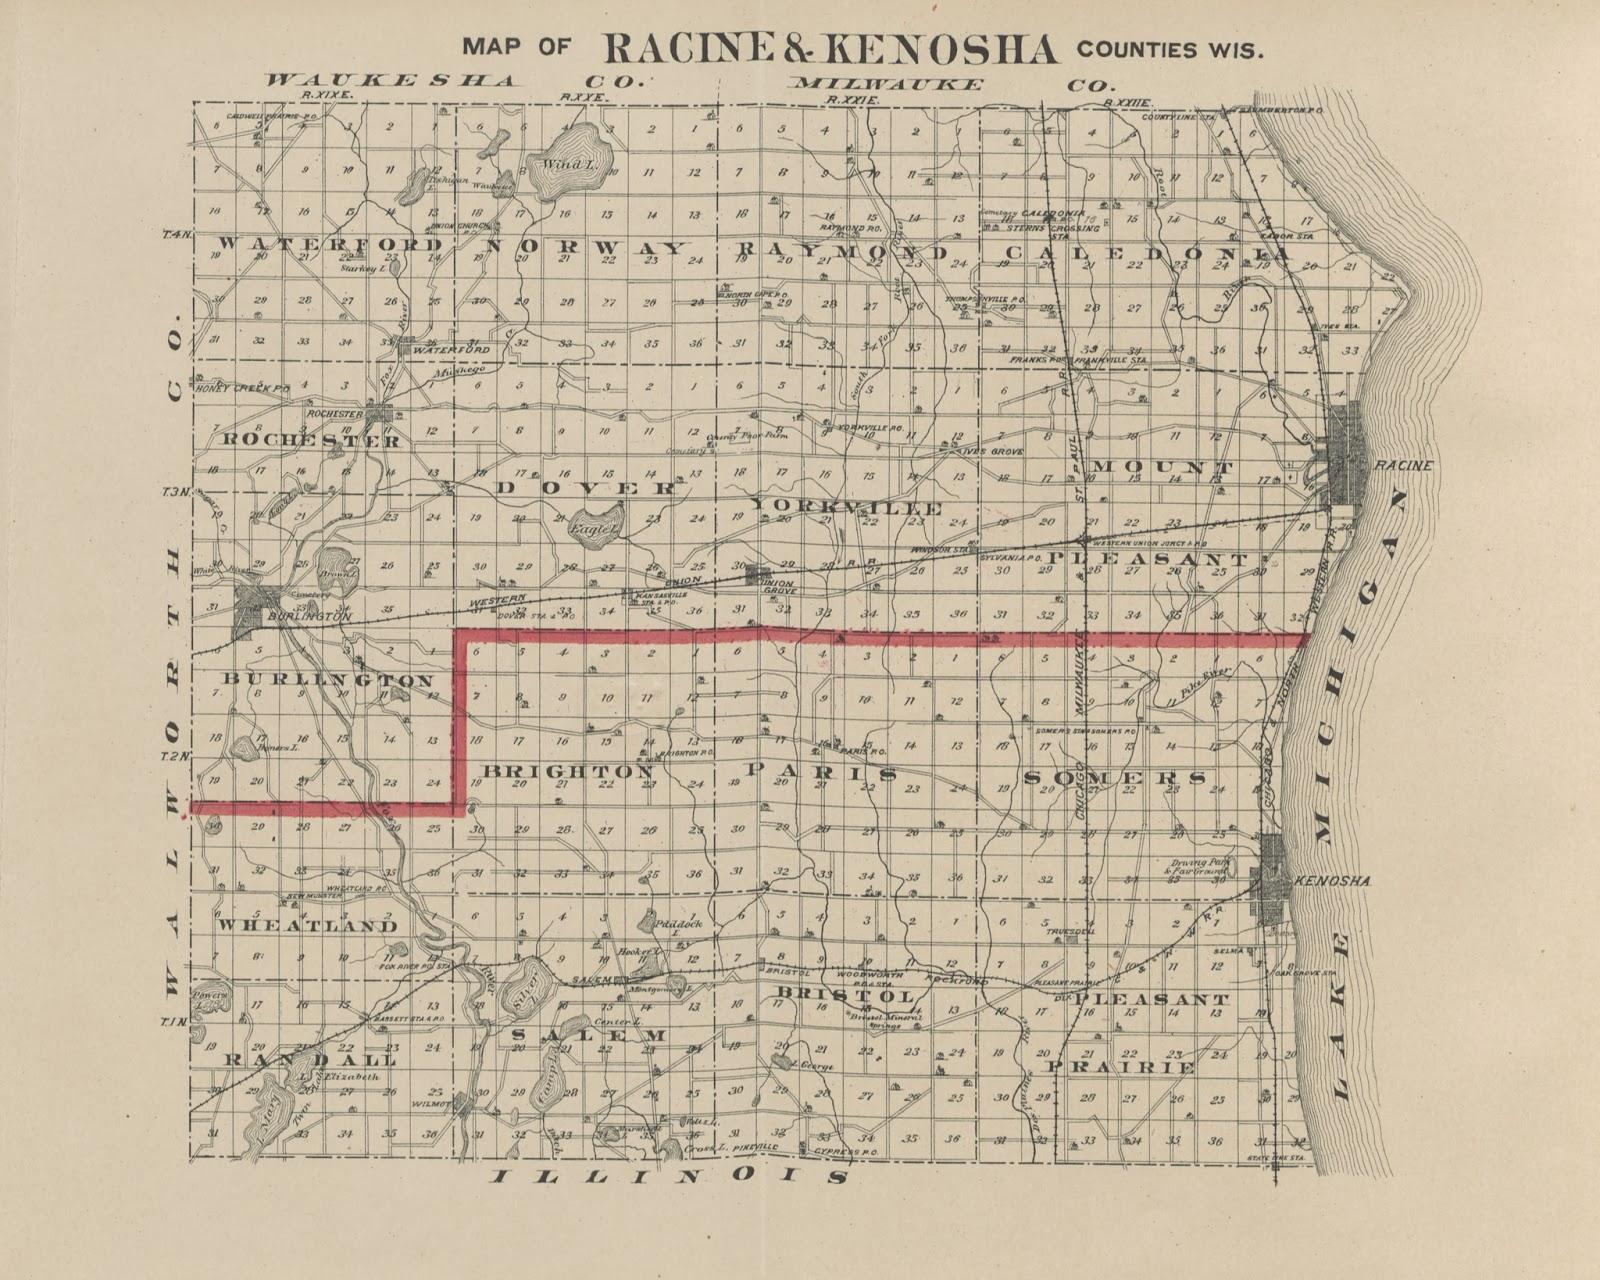 historische karte von racine county oben mit der stadt burlington im suedwesten die ketterhagen road verlaeuft in ost west richtung suedlich der